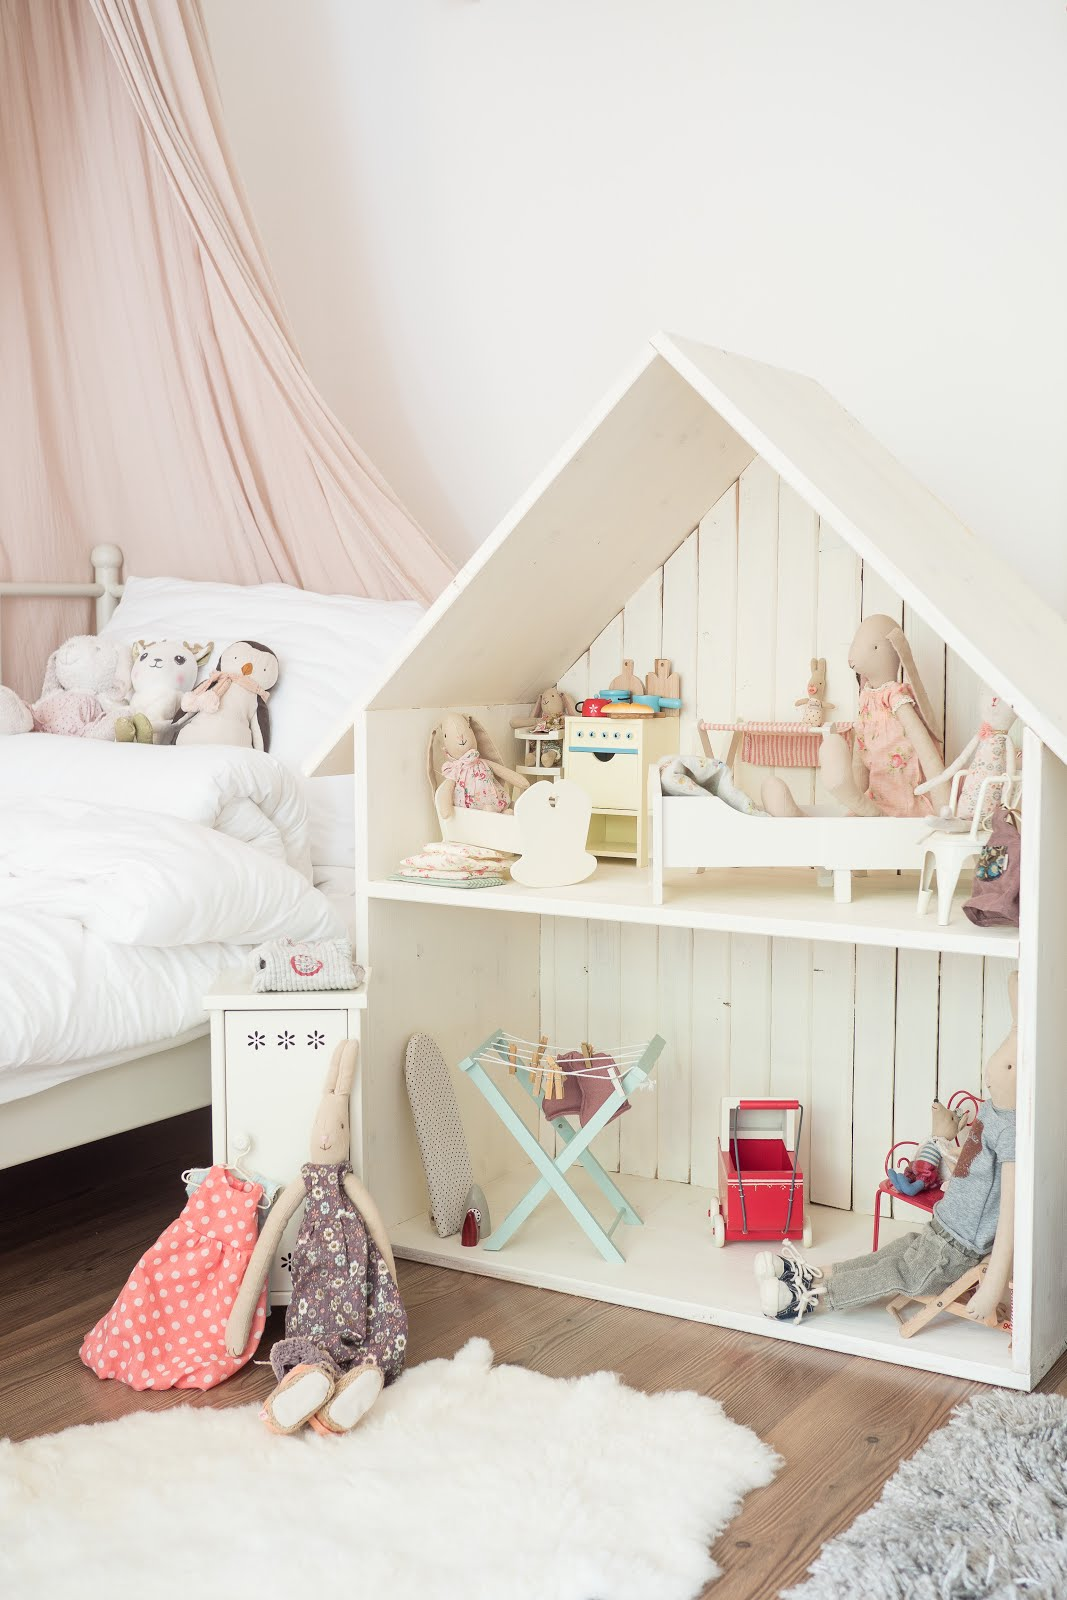 Maileg bunny house